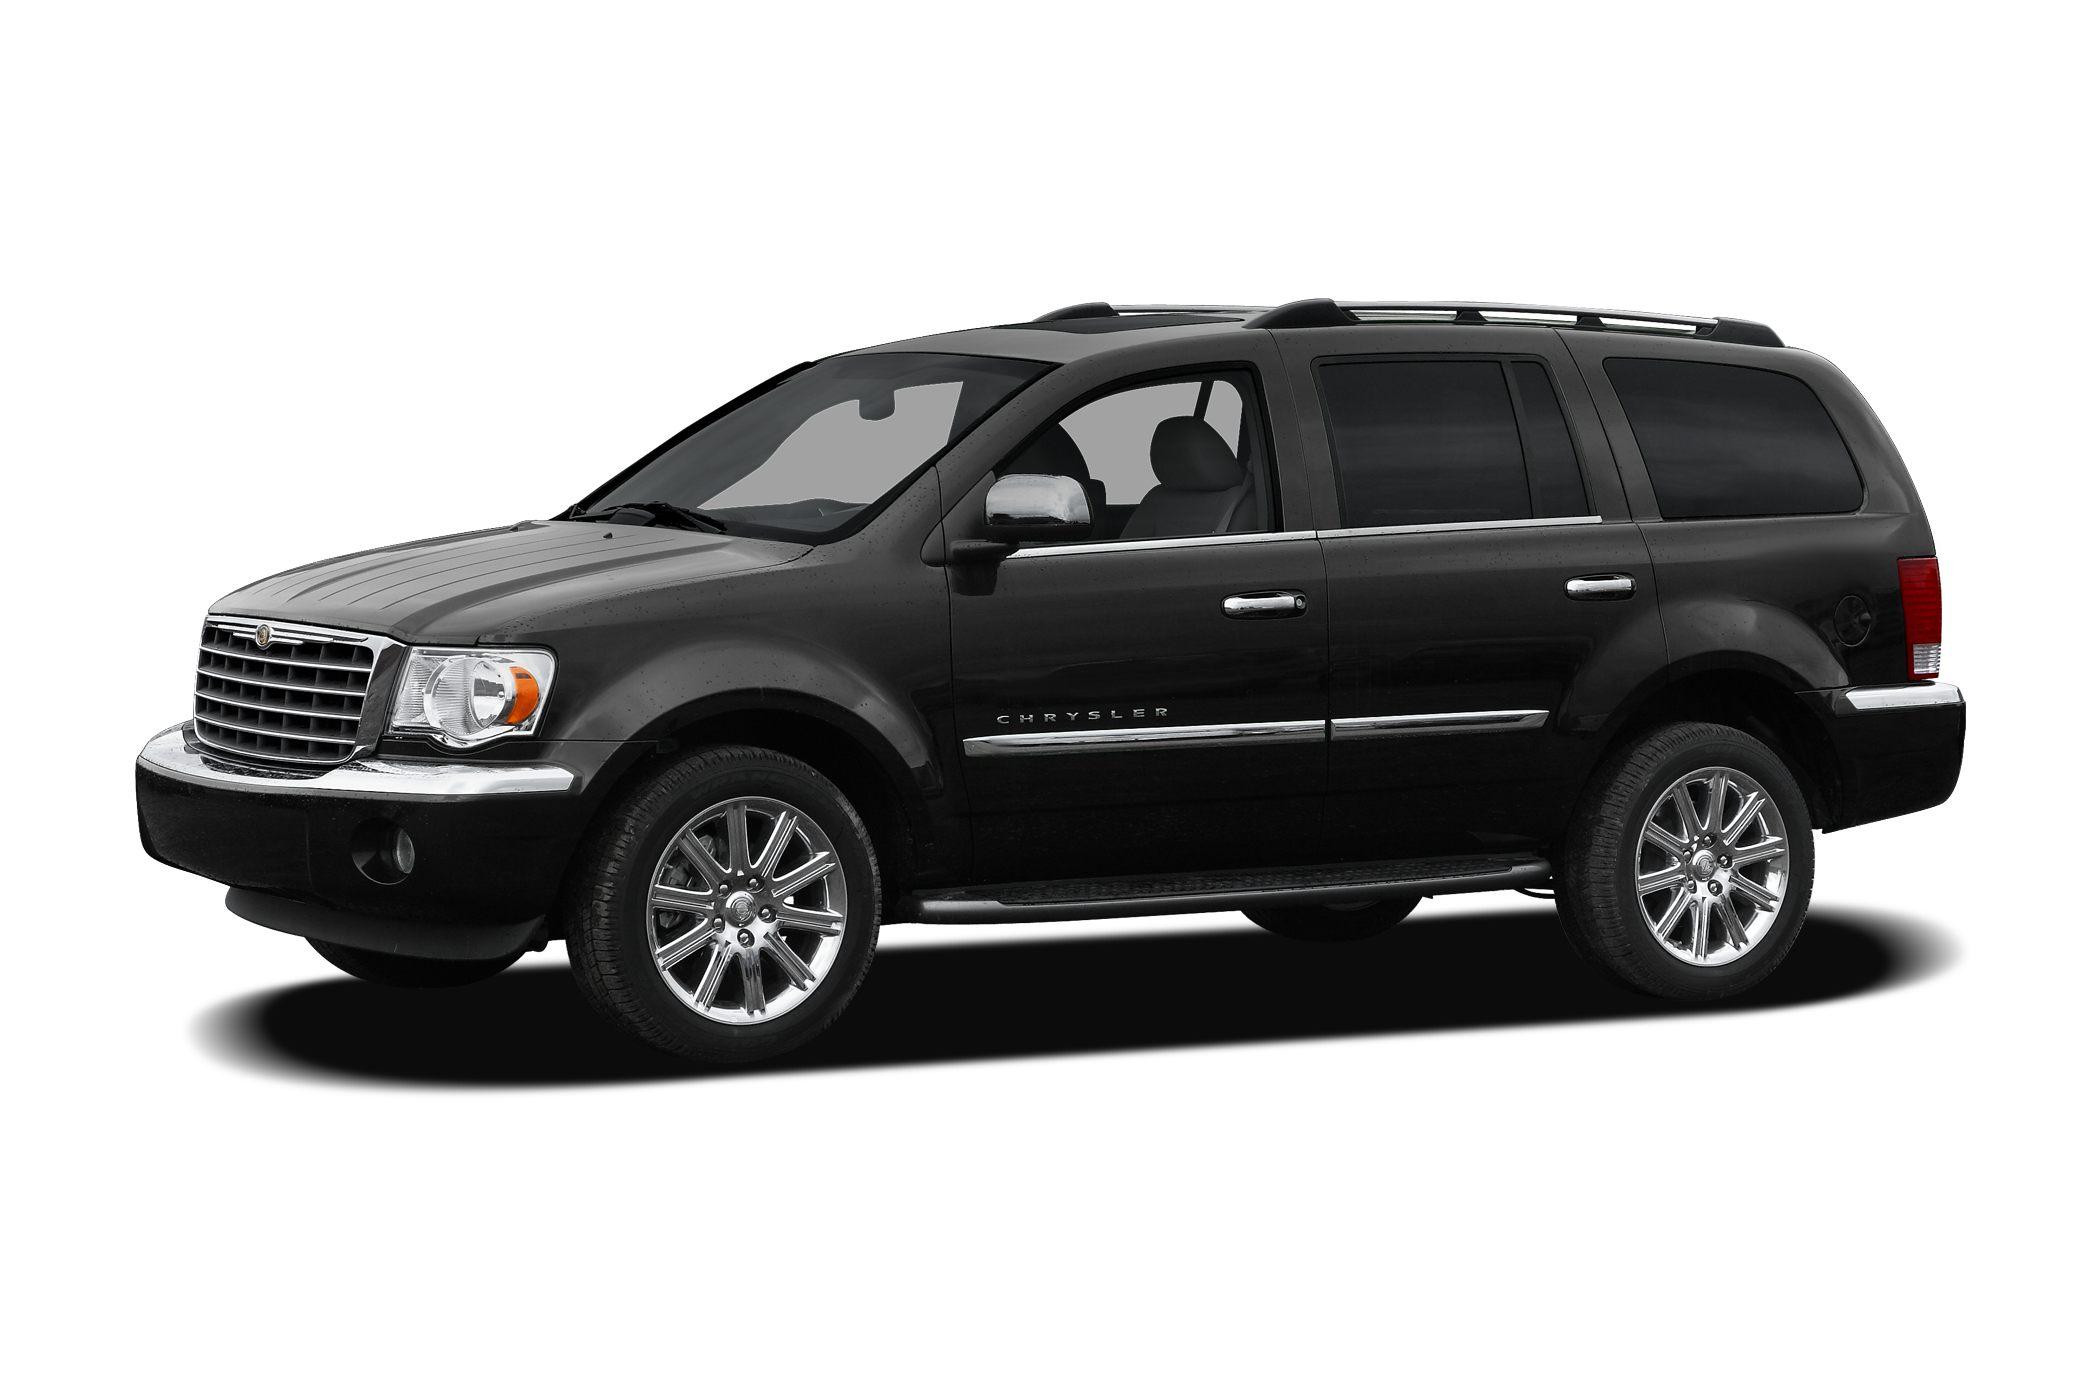 2008 Chrysler Aspen Limited Miles 95002Stock 9590U VIN 1A8HW58218F129869